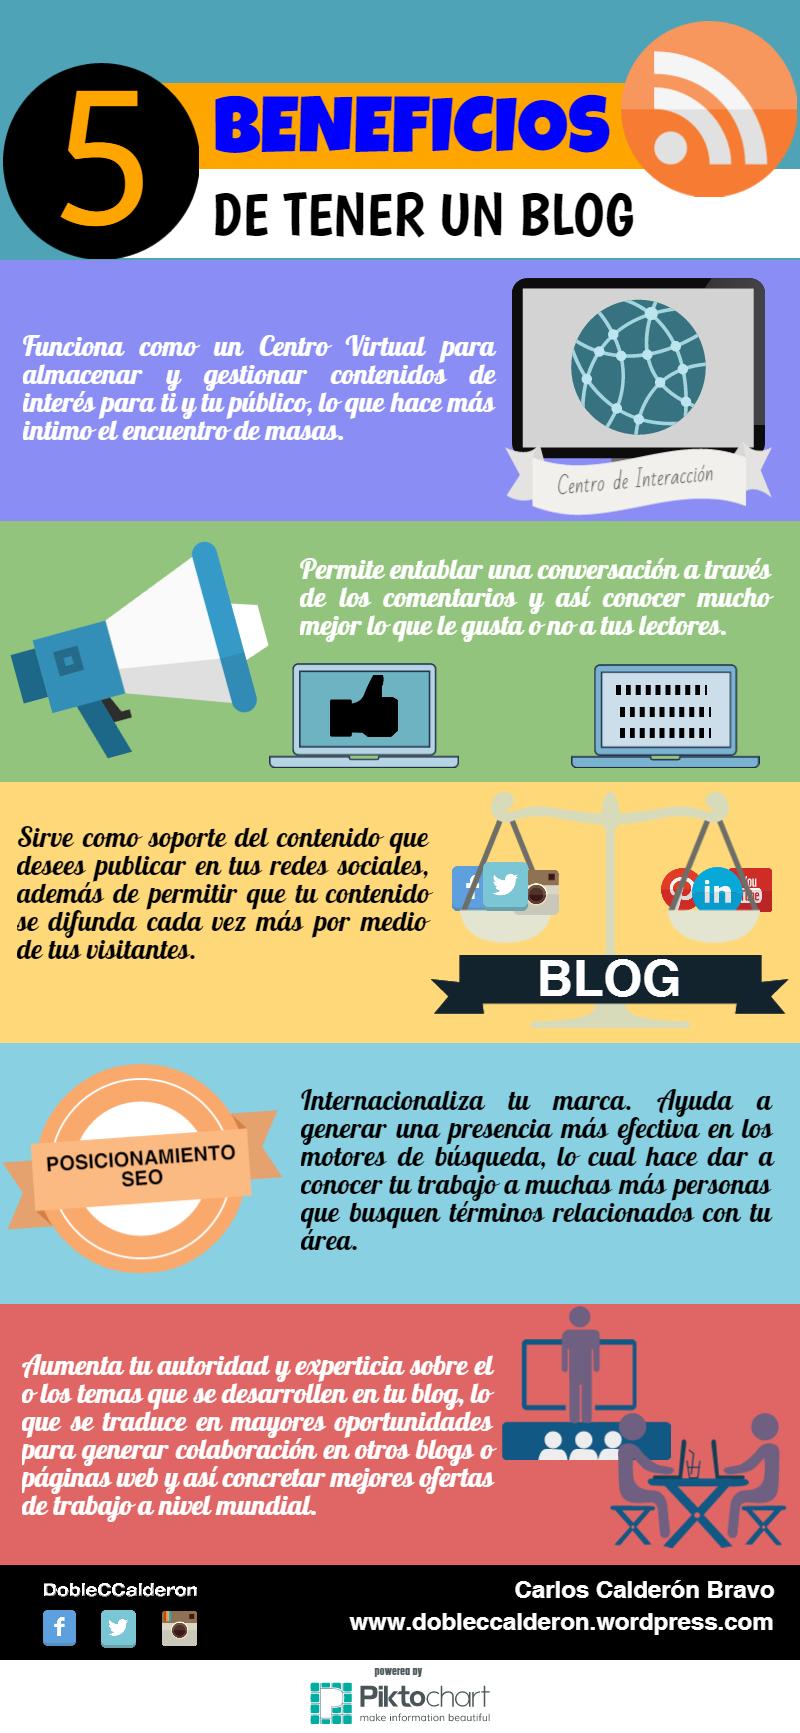 Infografía, las 5 Beneficios de tener un Blog.